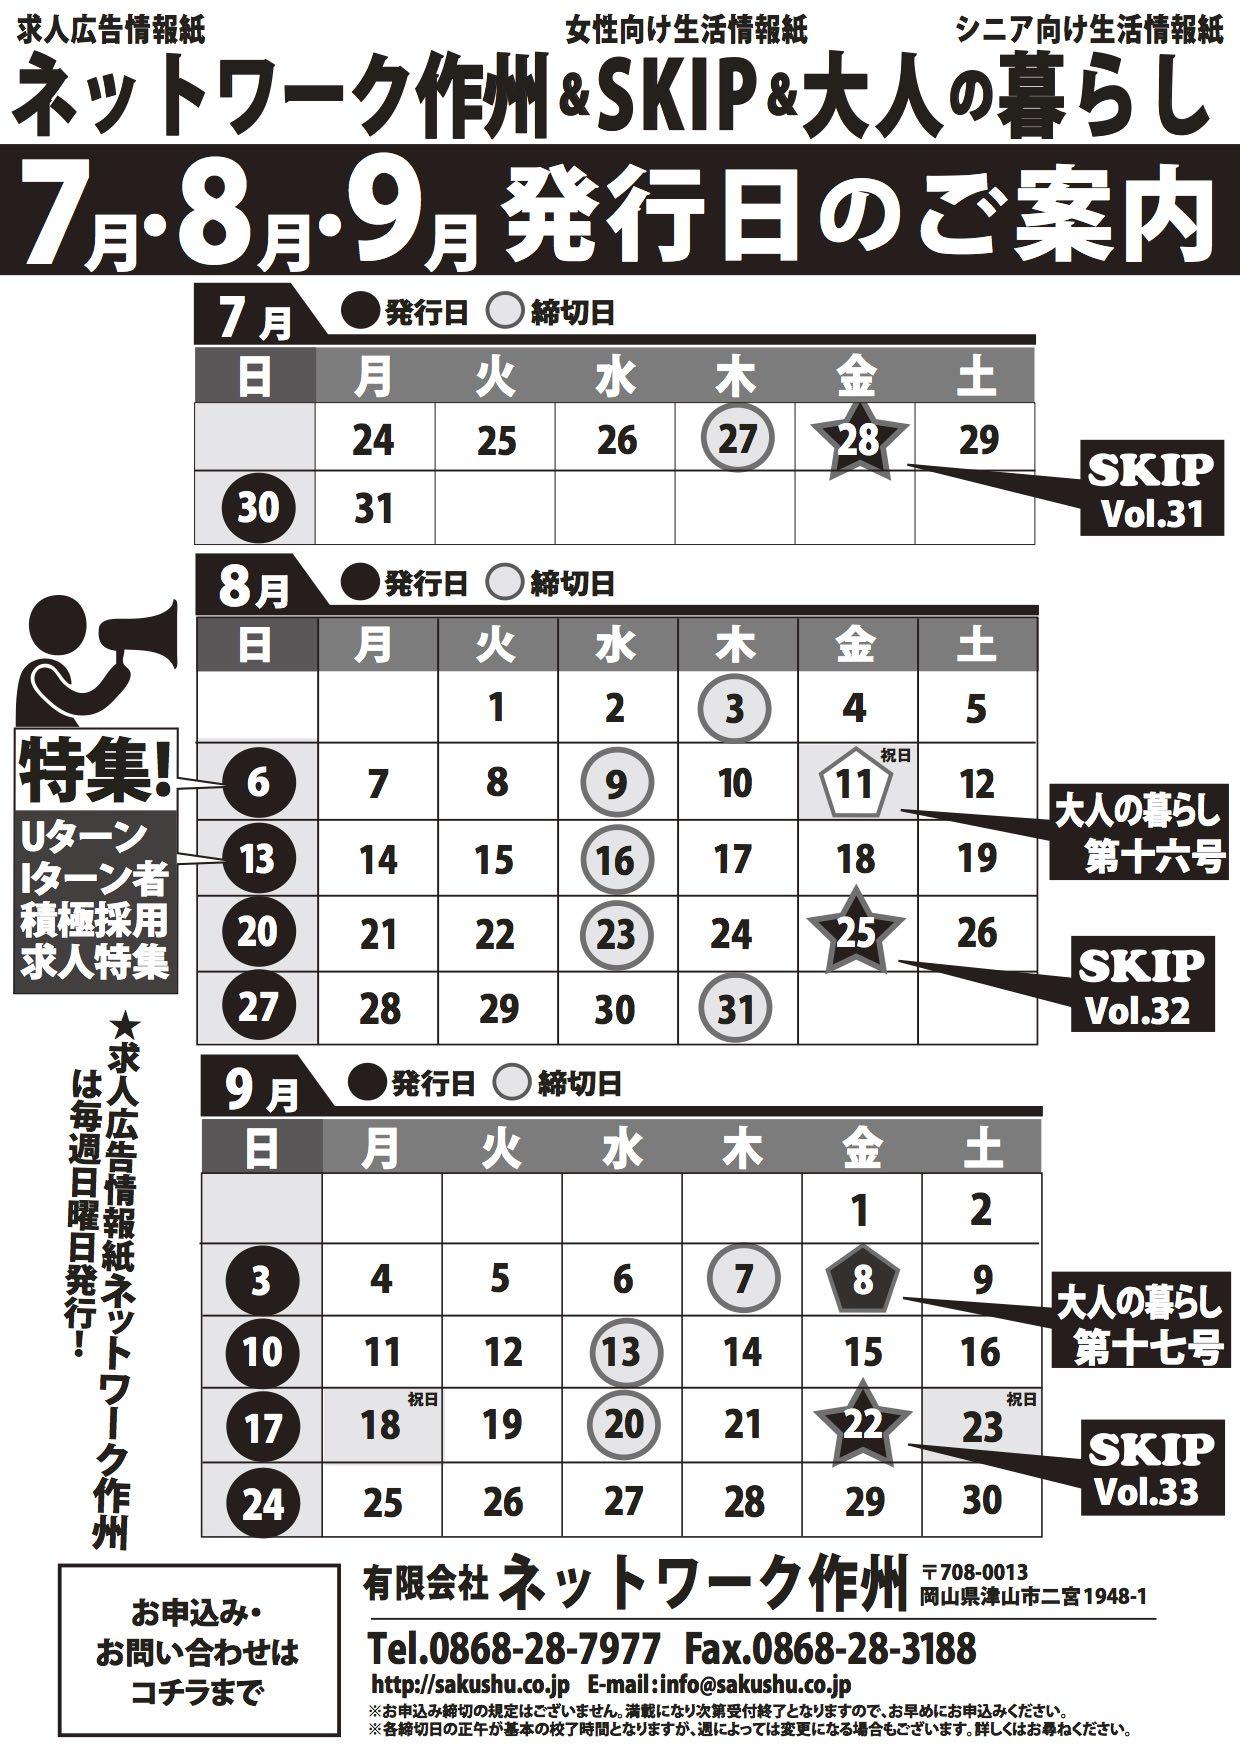 2017 7_8_9予定表A4